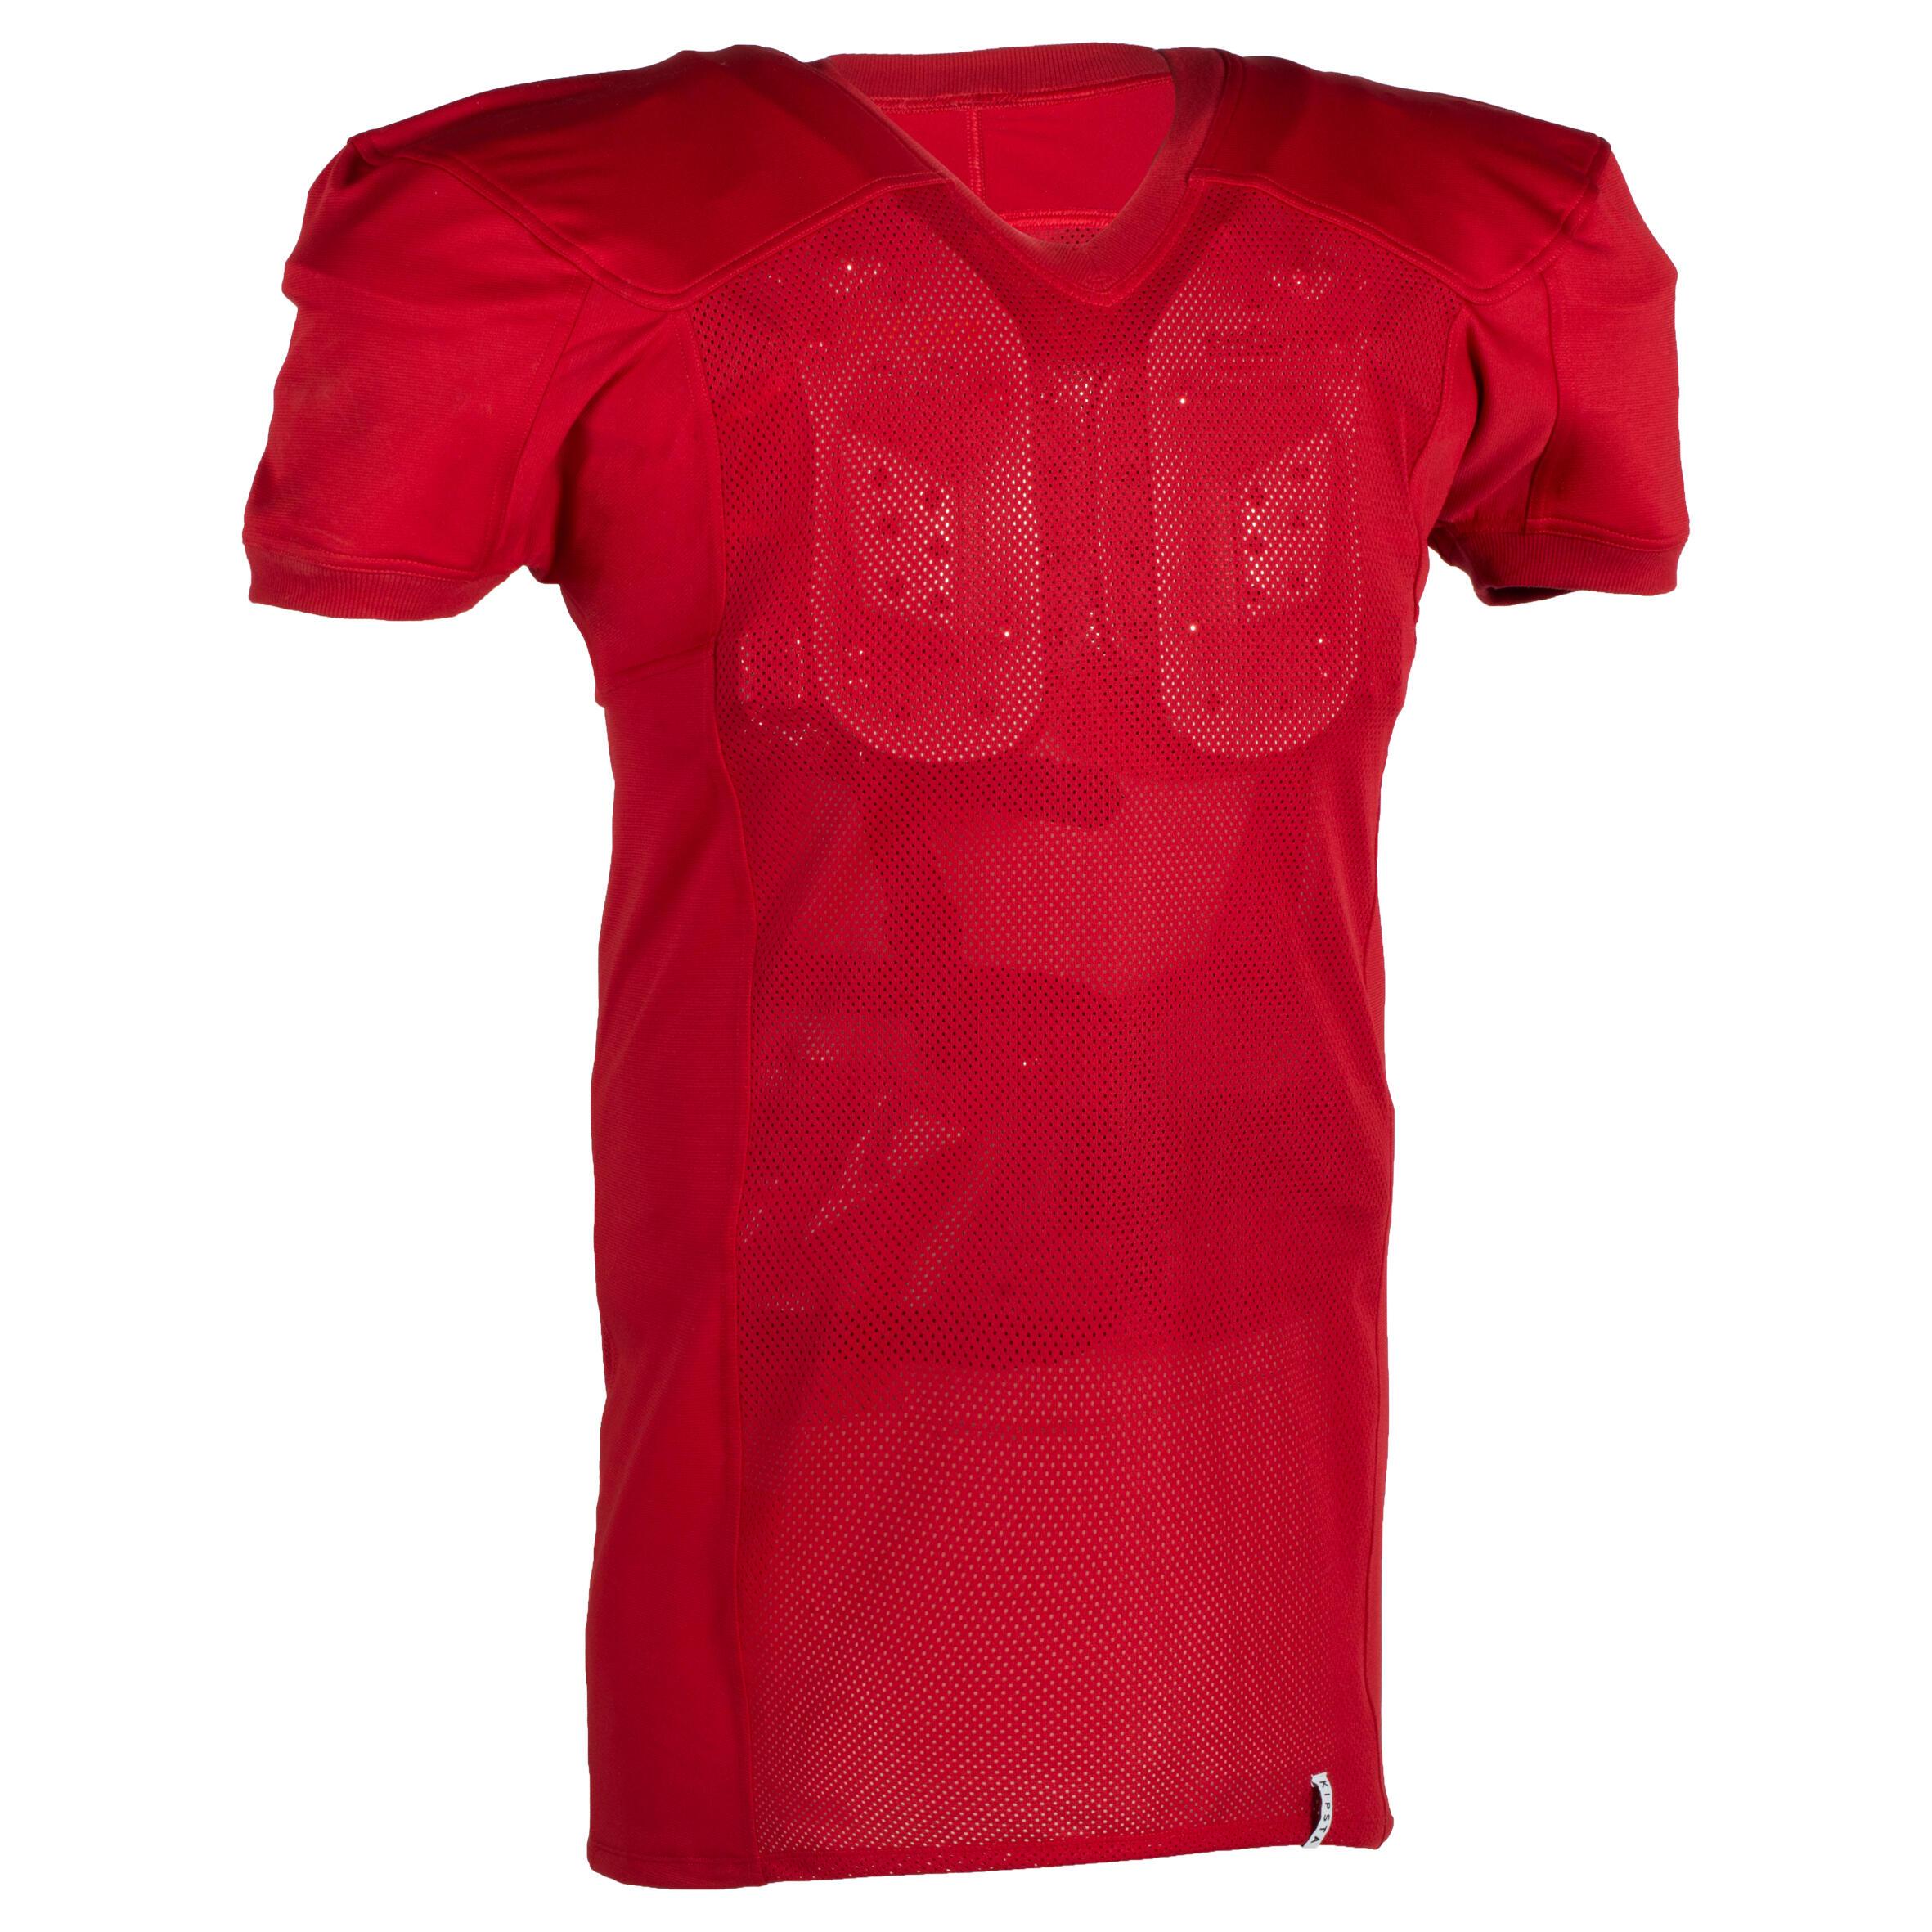 Camiseta de fútbol americano para adultos AF 550 rojo